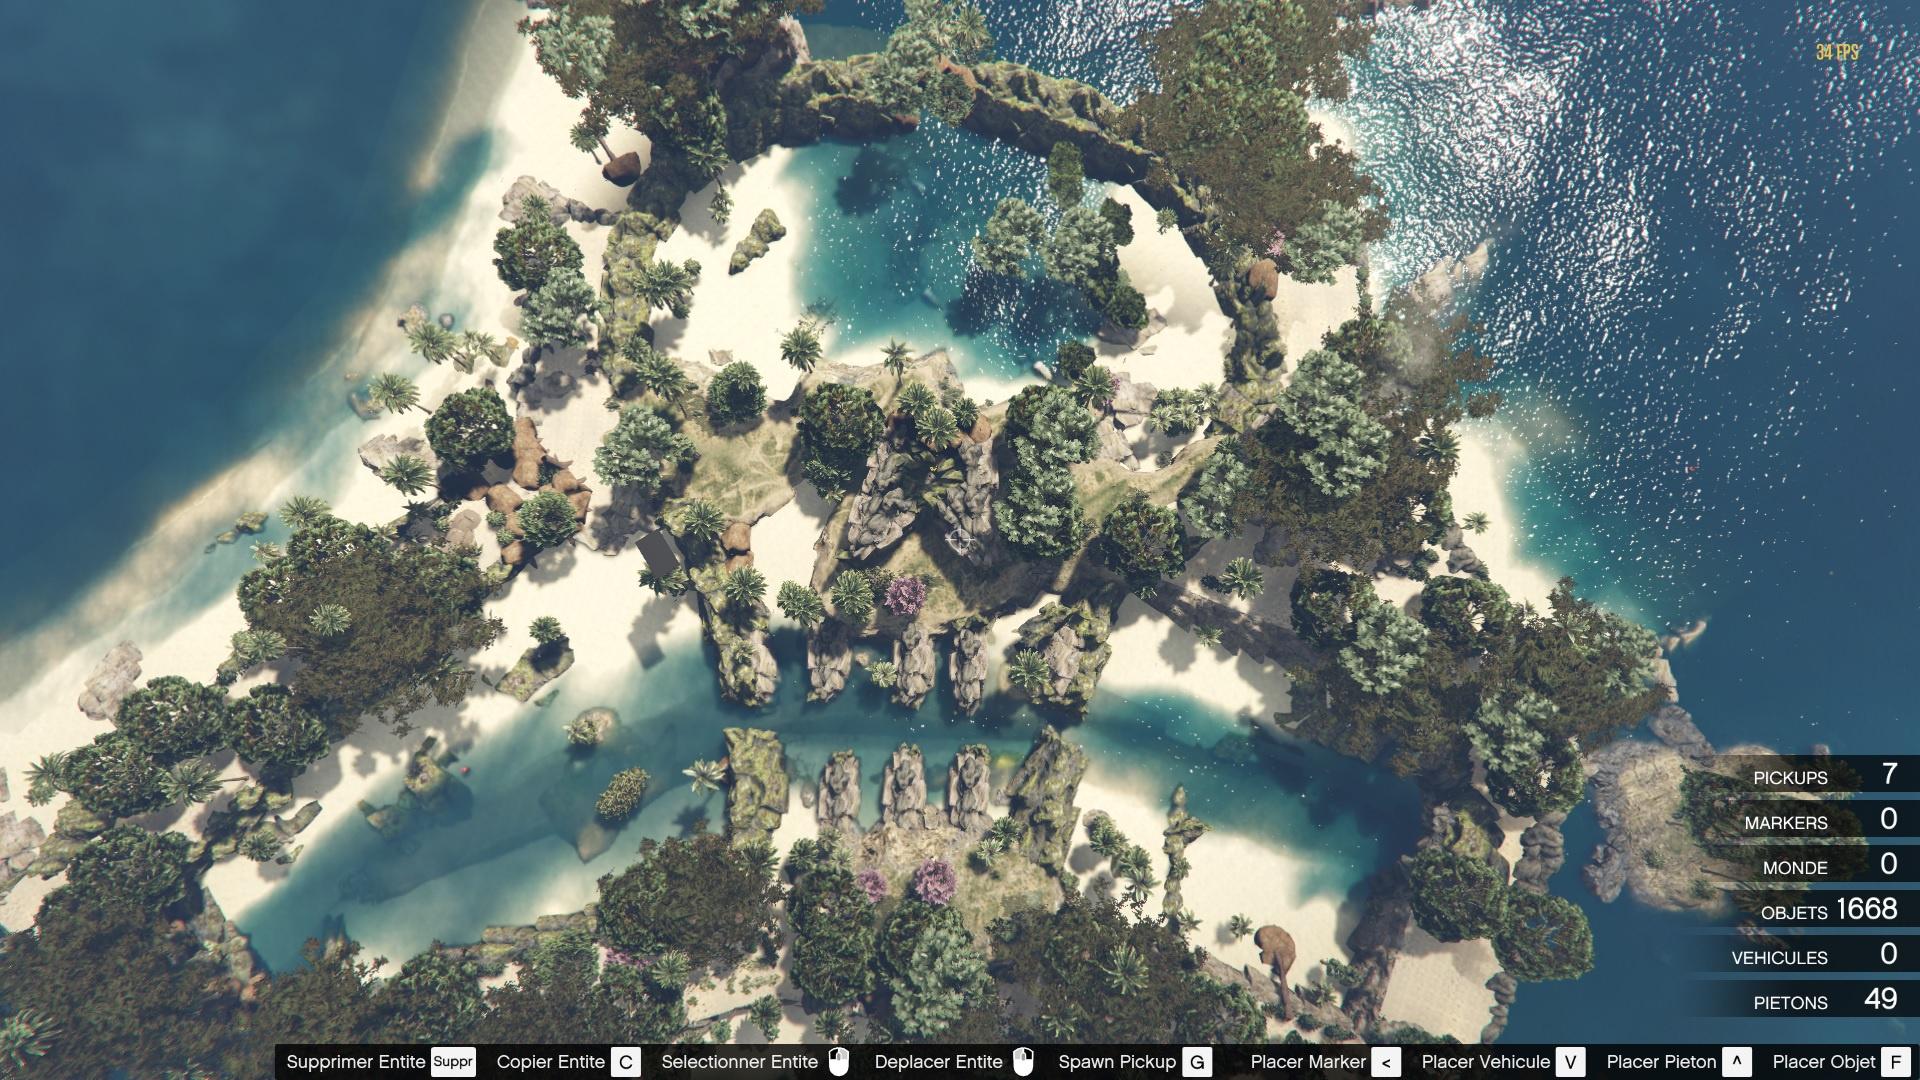 gta island map dead mod mods gta5 treasure quest beta maps gtaboom meets boom de1 treasur